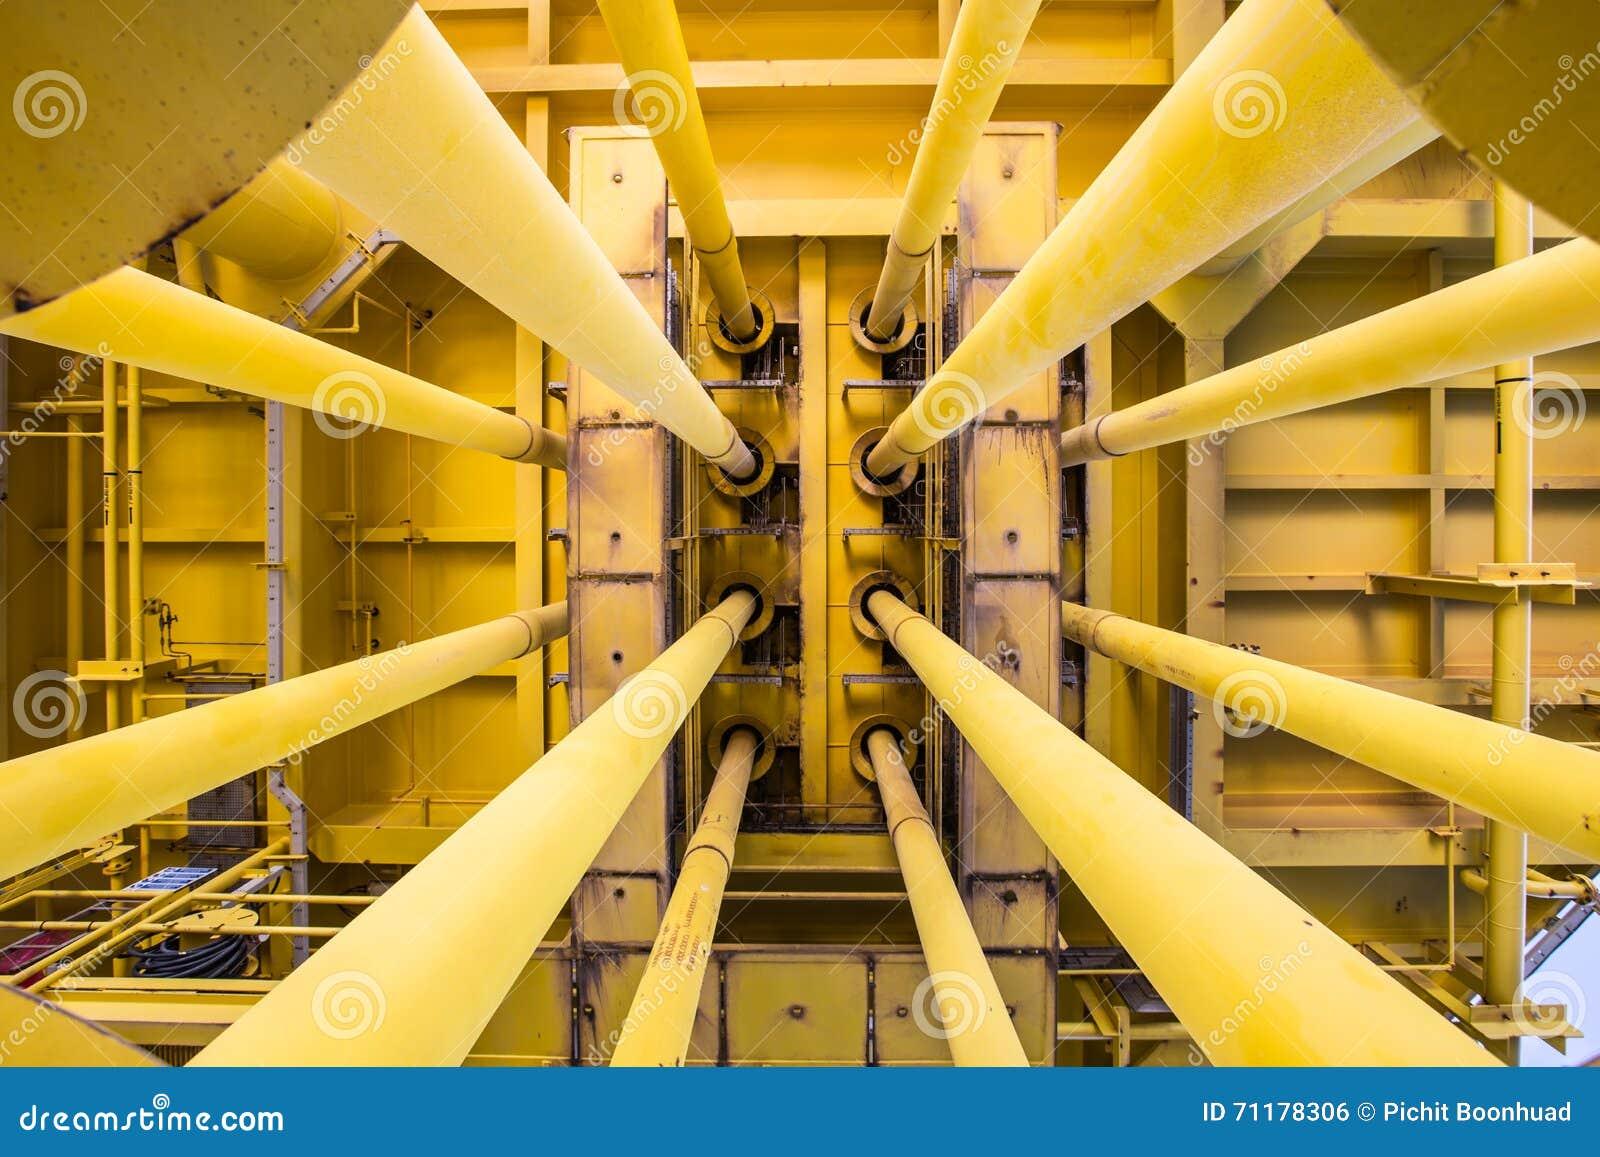 井管壁和好的槽孔在油和煤气遥远的泉源平台